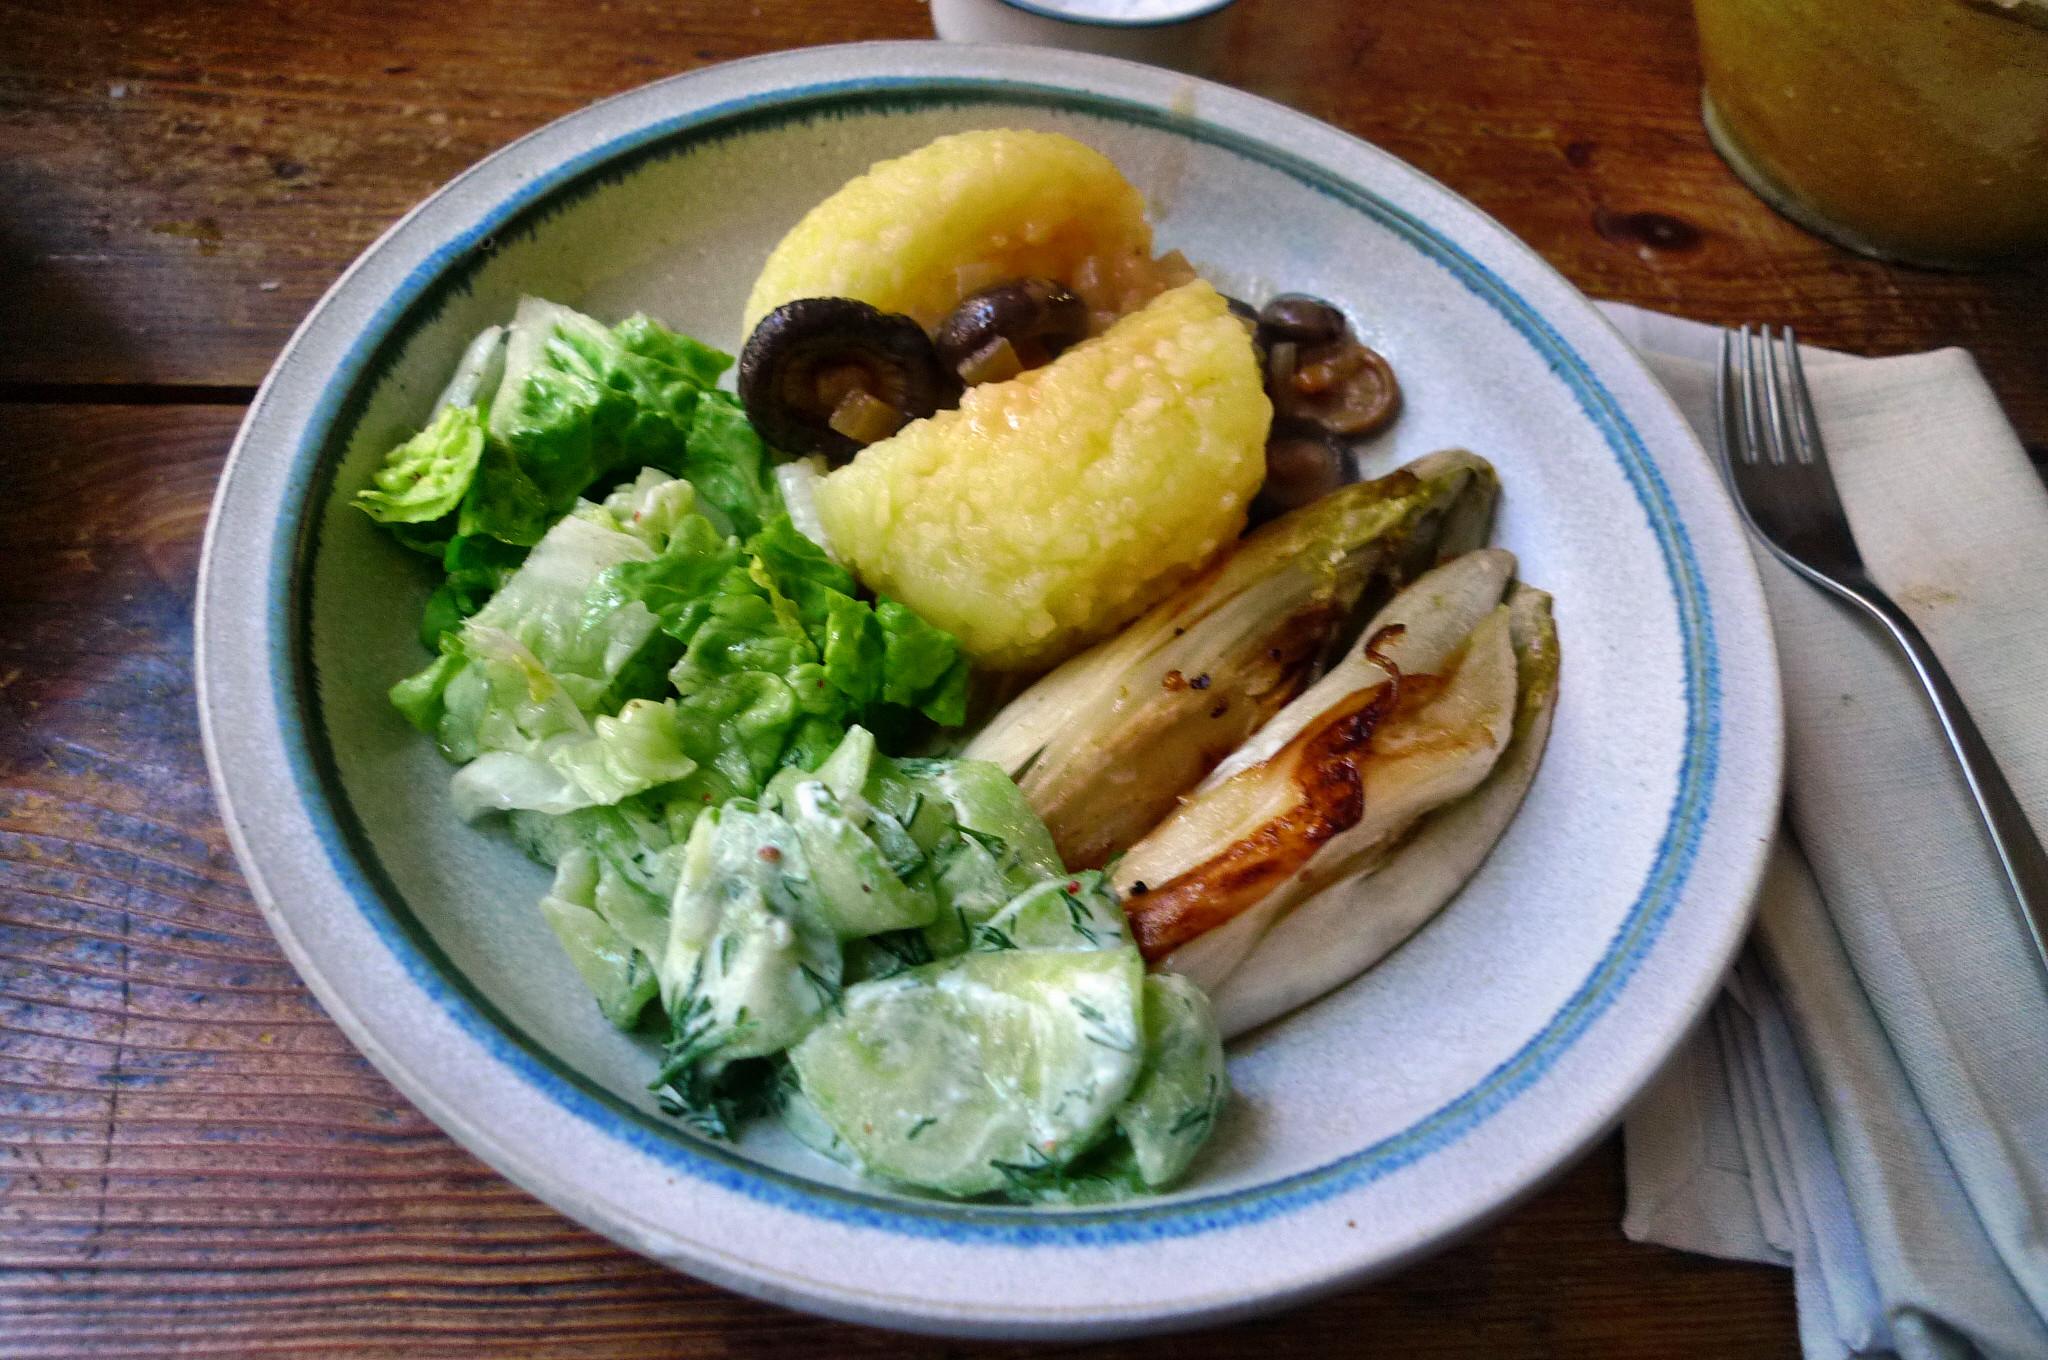 Klöße,Pilzsauce,Salate-8.2.15   (18)